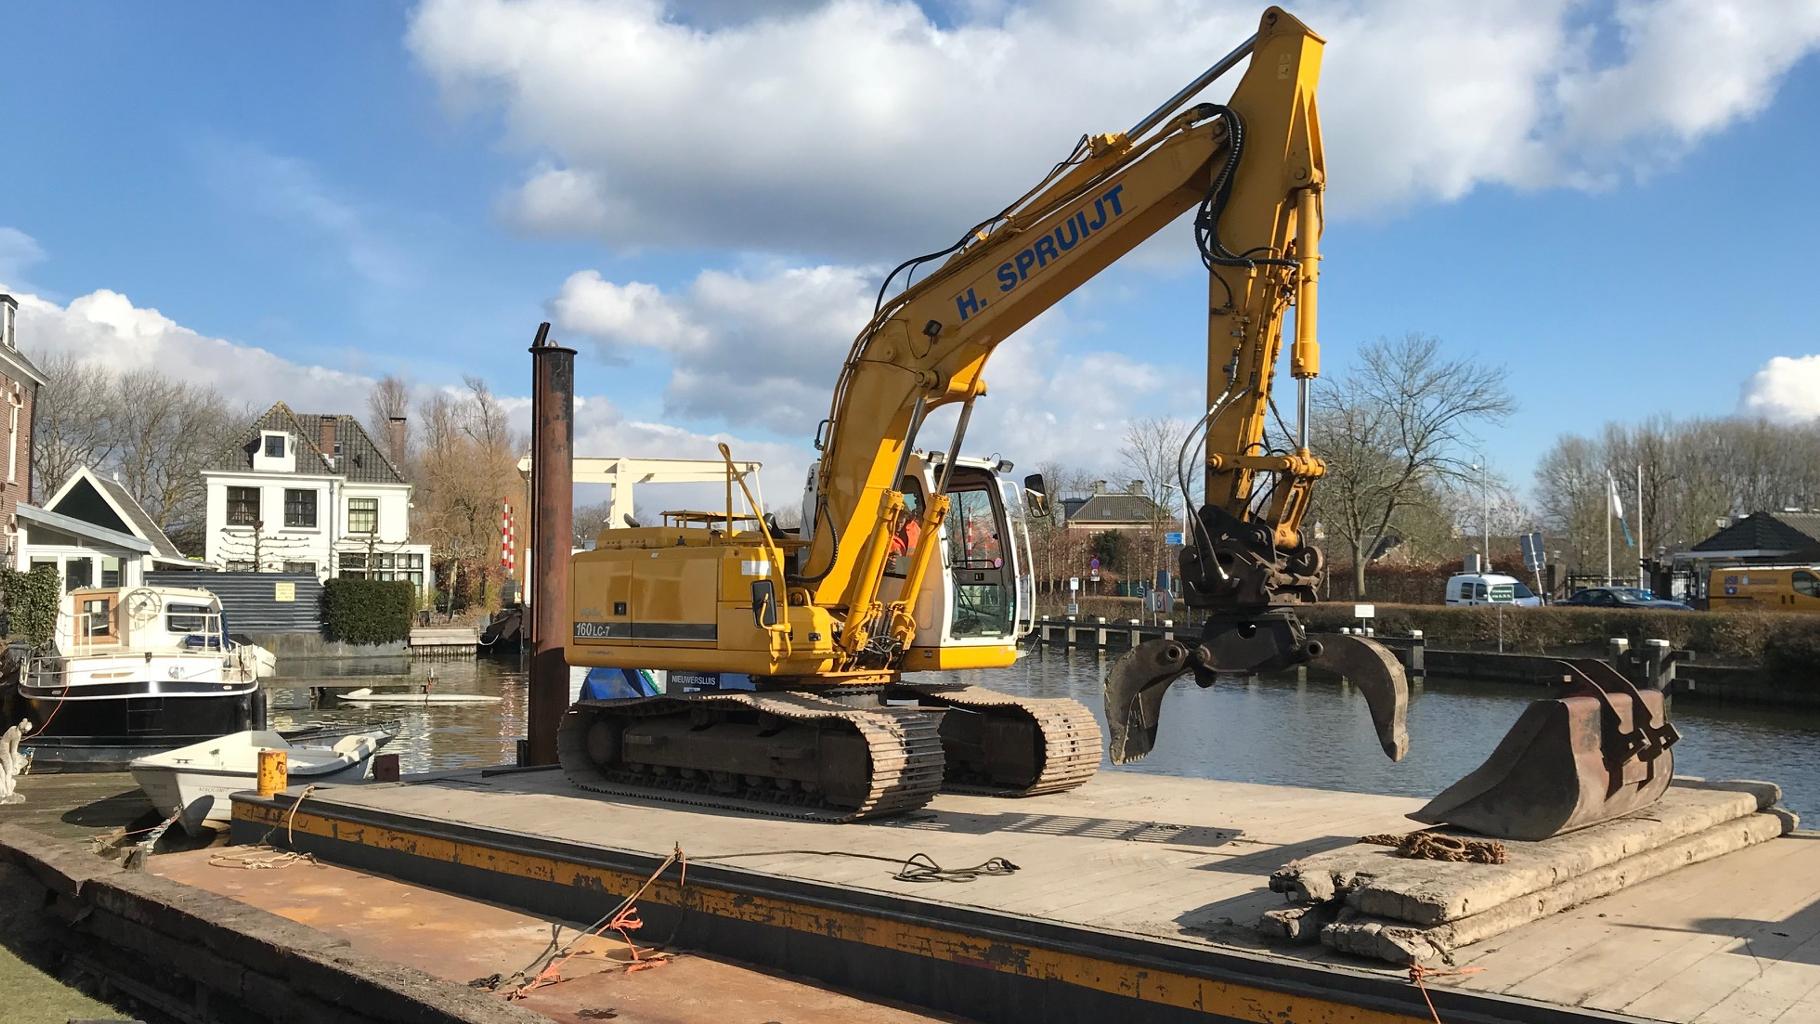 HSBBV waterwerken nieuwersluis